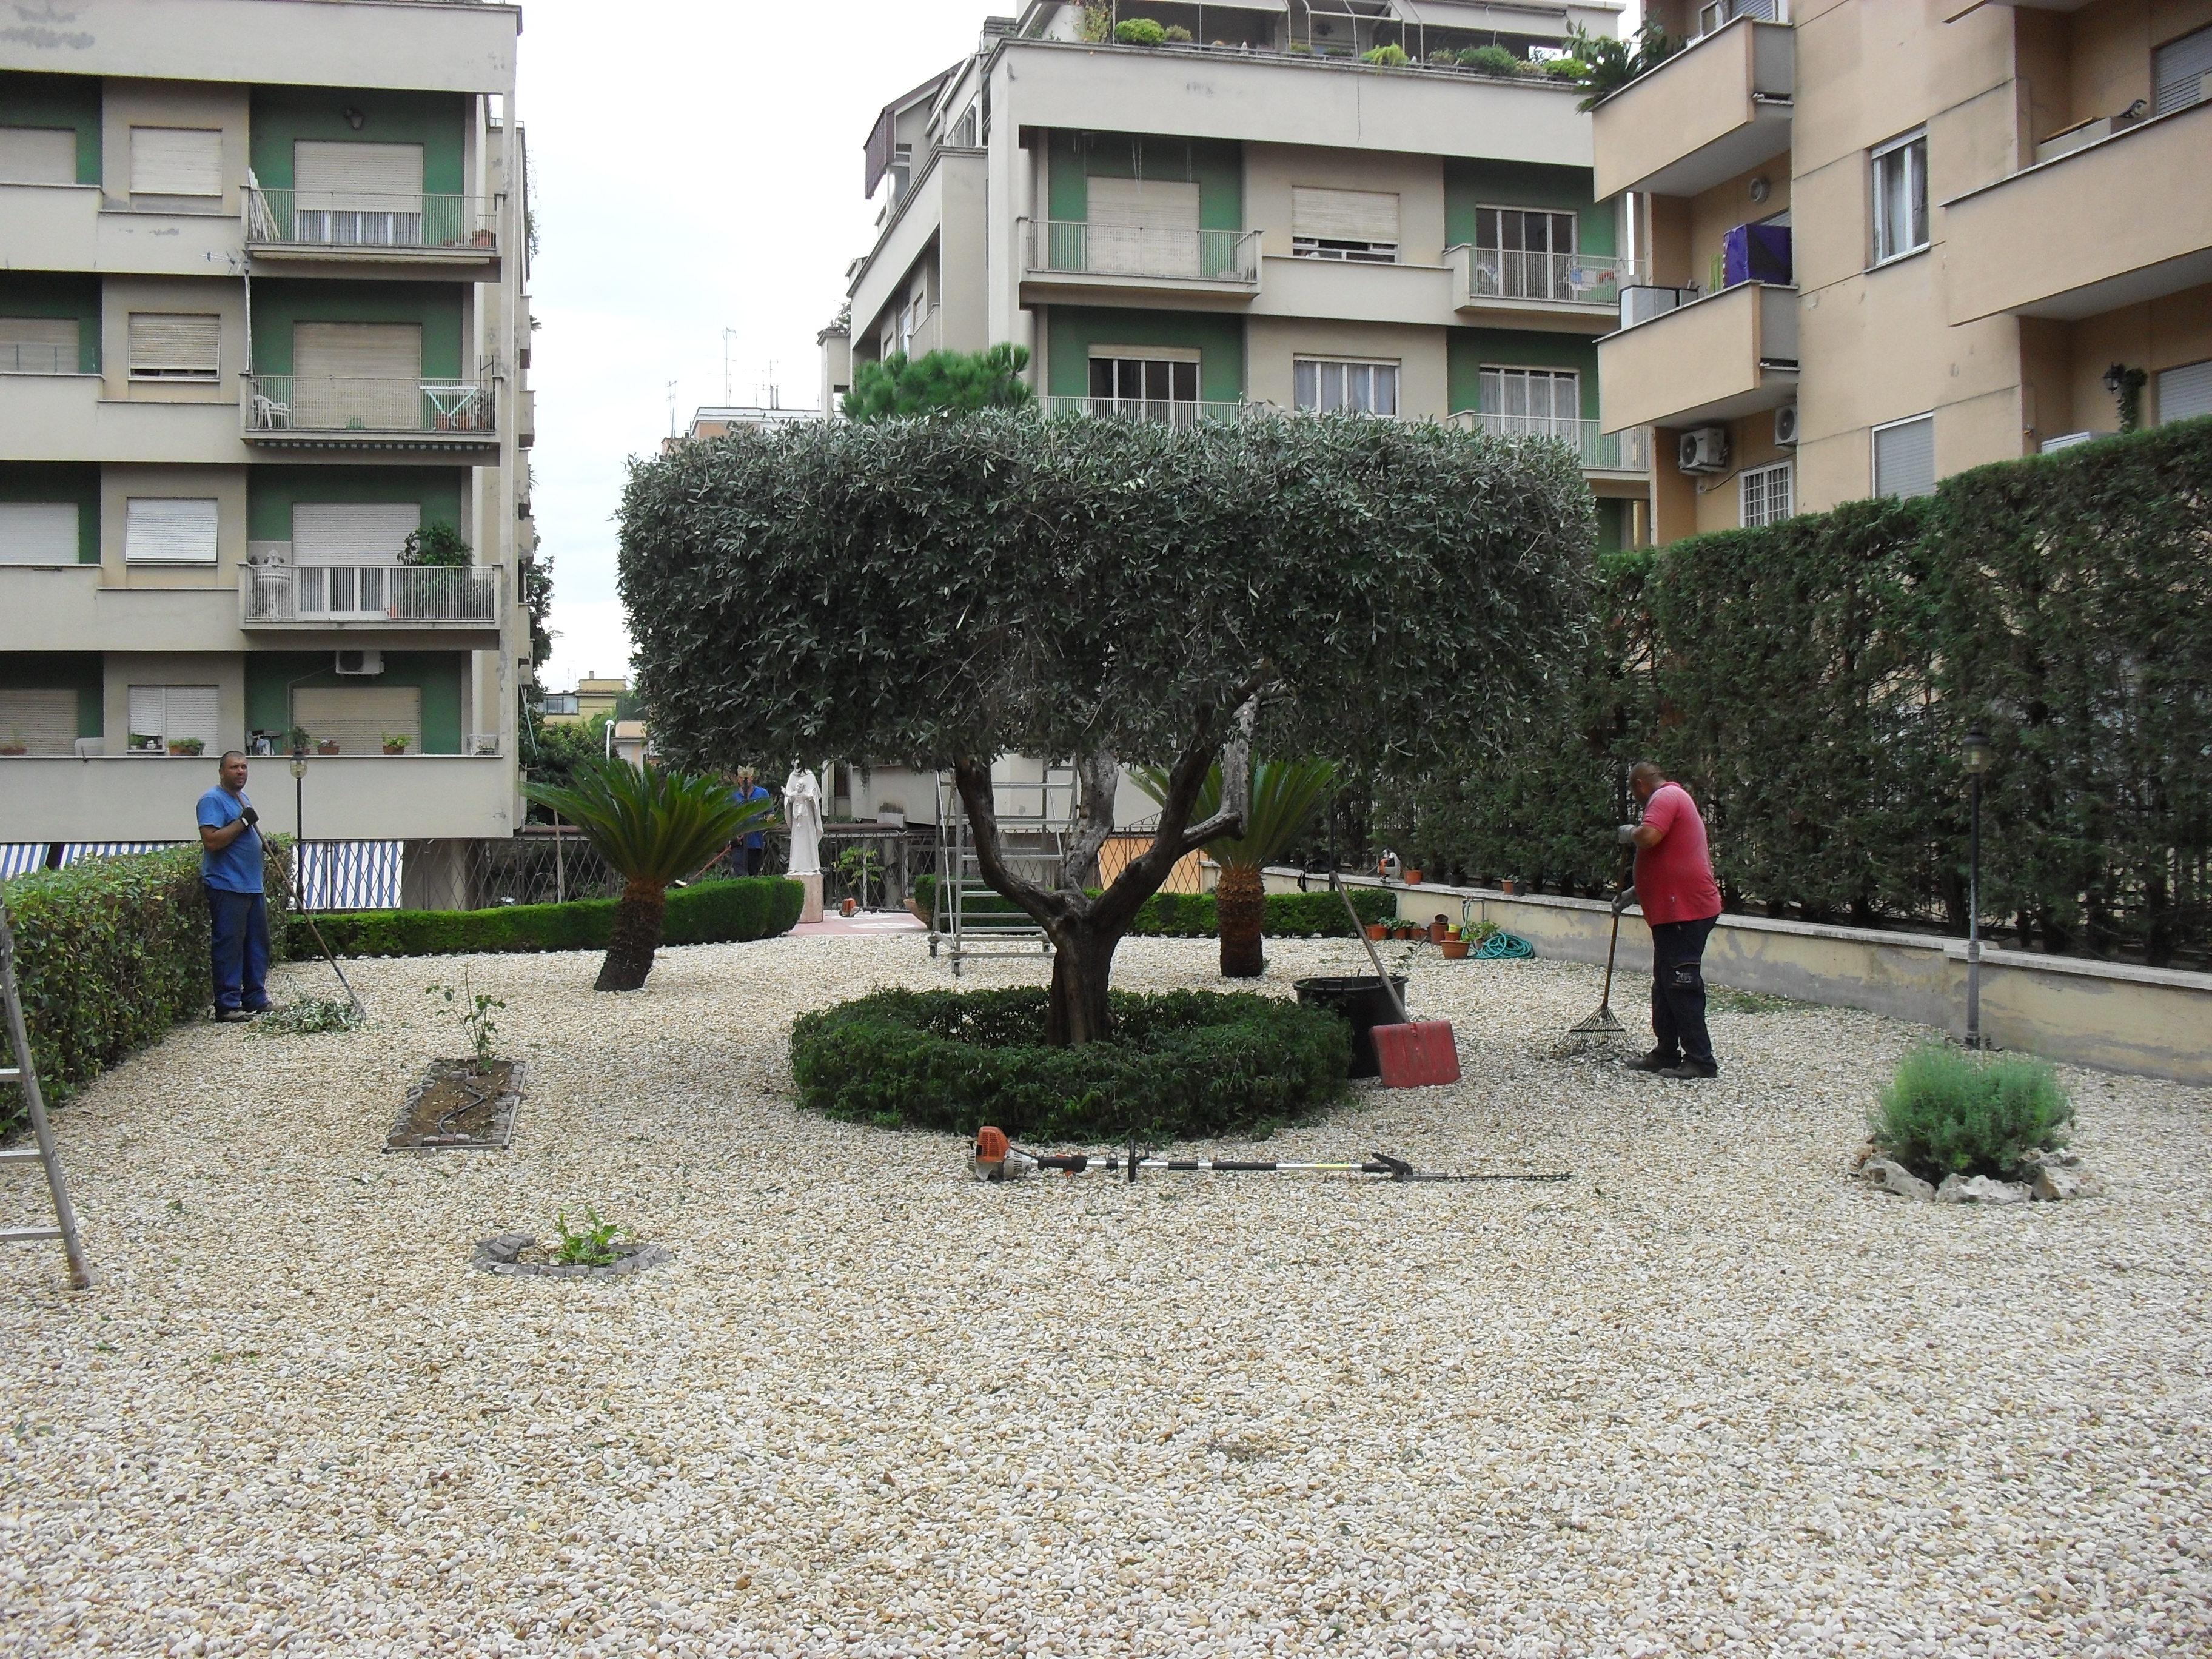 Ulivo potato per un risultato ornamentale cleaneco service for Vendita piante ulivo